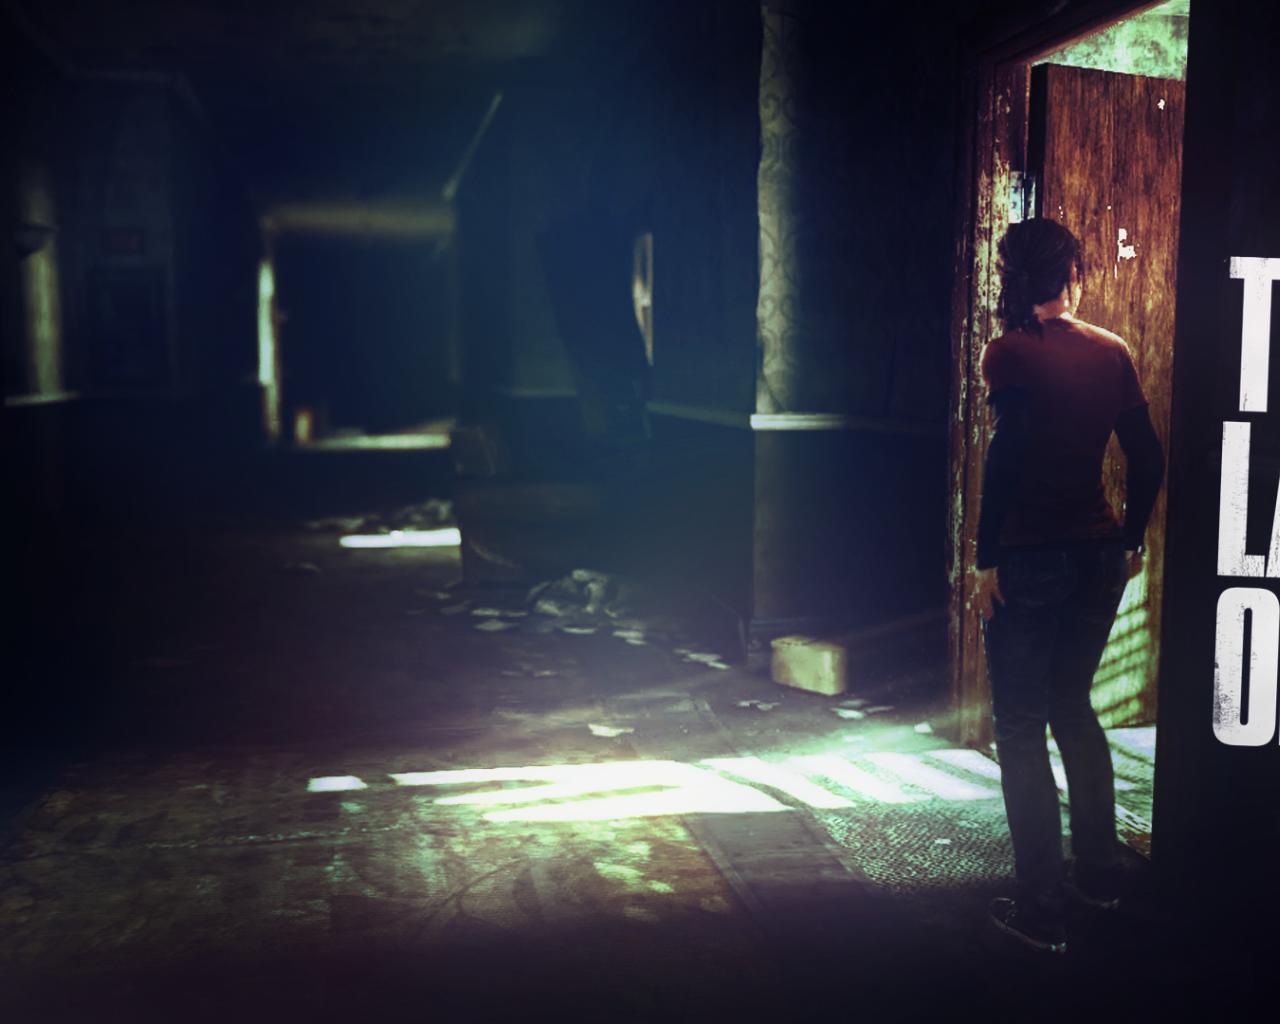 The Last Of Us Feeling Alone Desktop Wallpapers 1280x1024